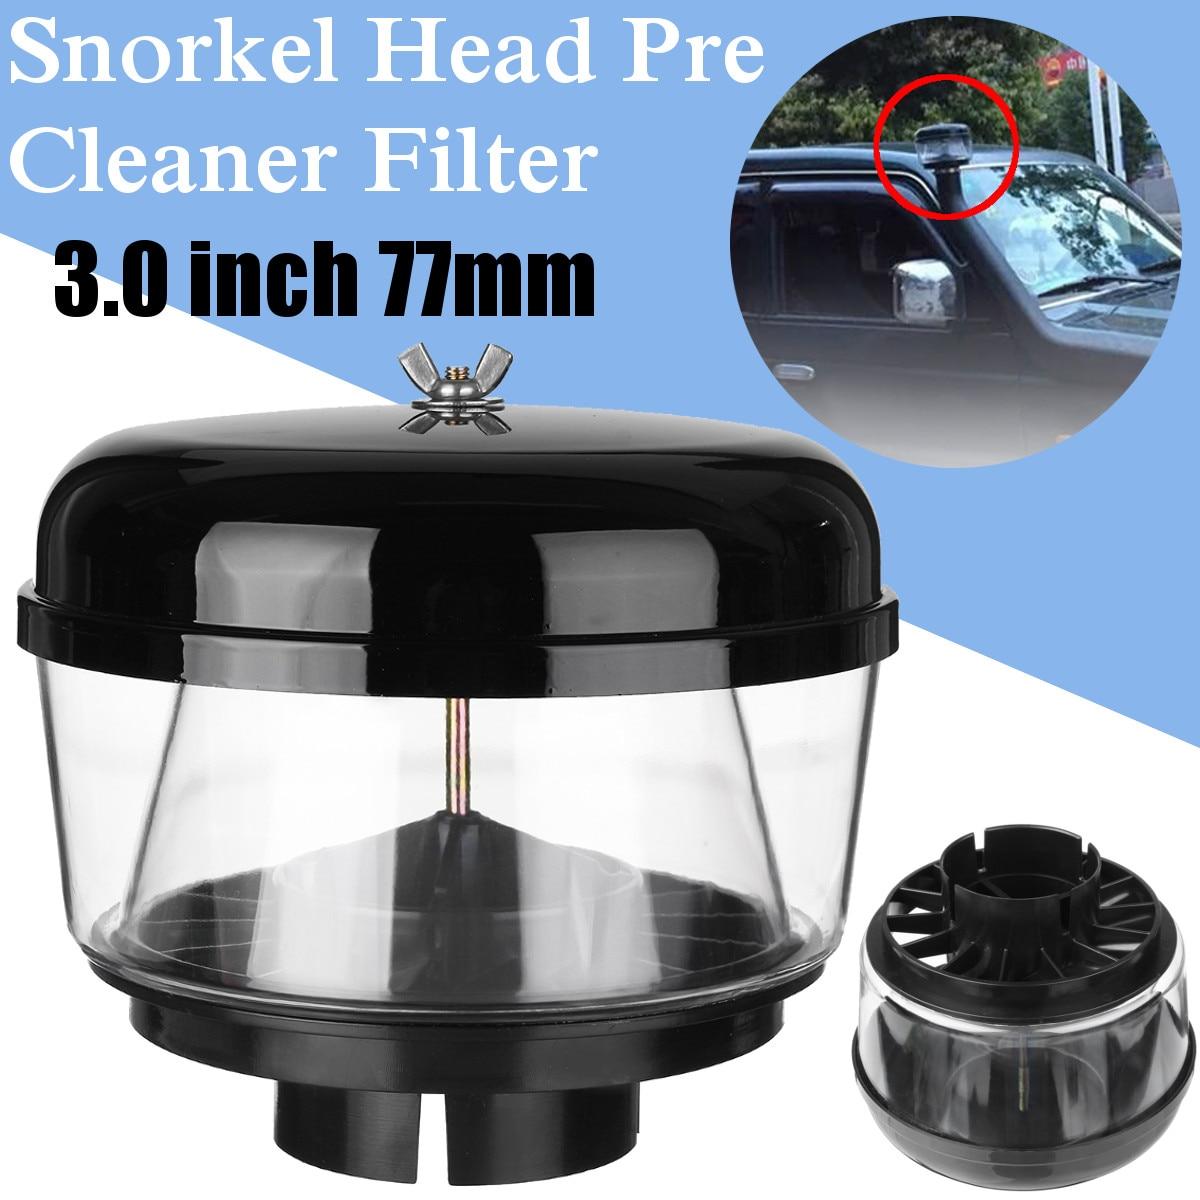 3 Pulgadas 77mm Trampa De Agua Snorkel Cabeza De Aire Ram Prelimpiador De Flujo De Aire Coche Snorkel Cabeza Snorkel Ram Copa De Arena Para Toyota Nisans